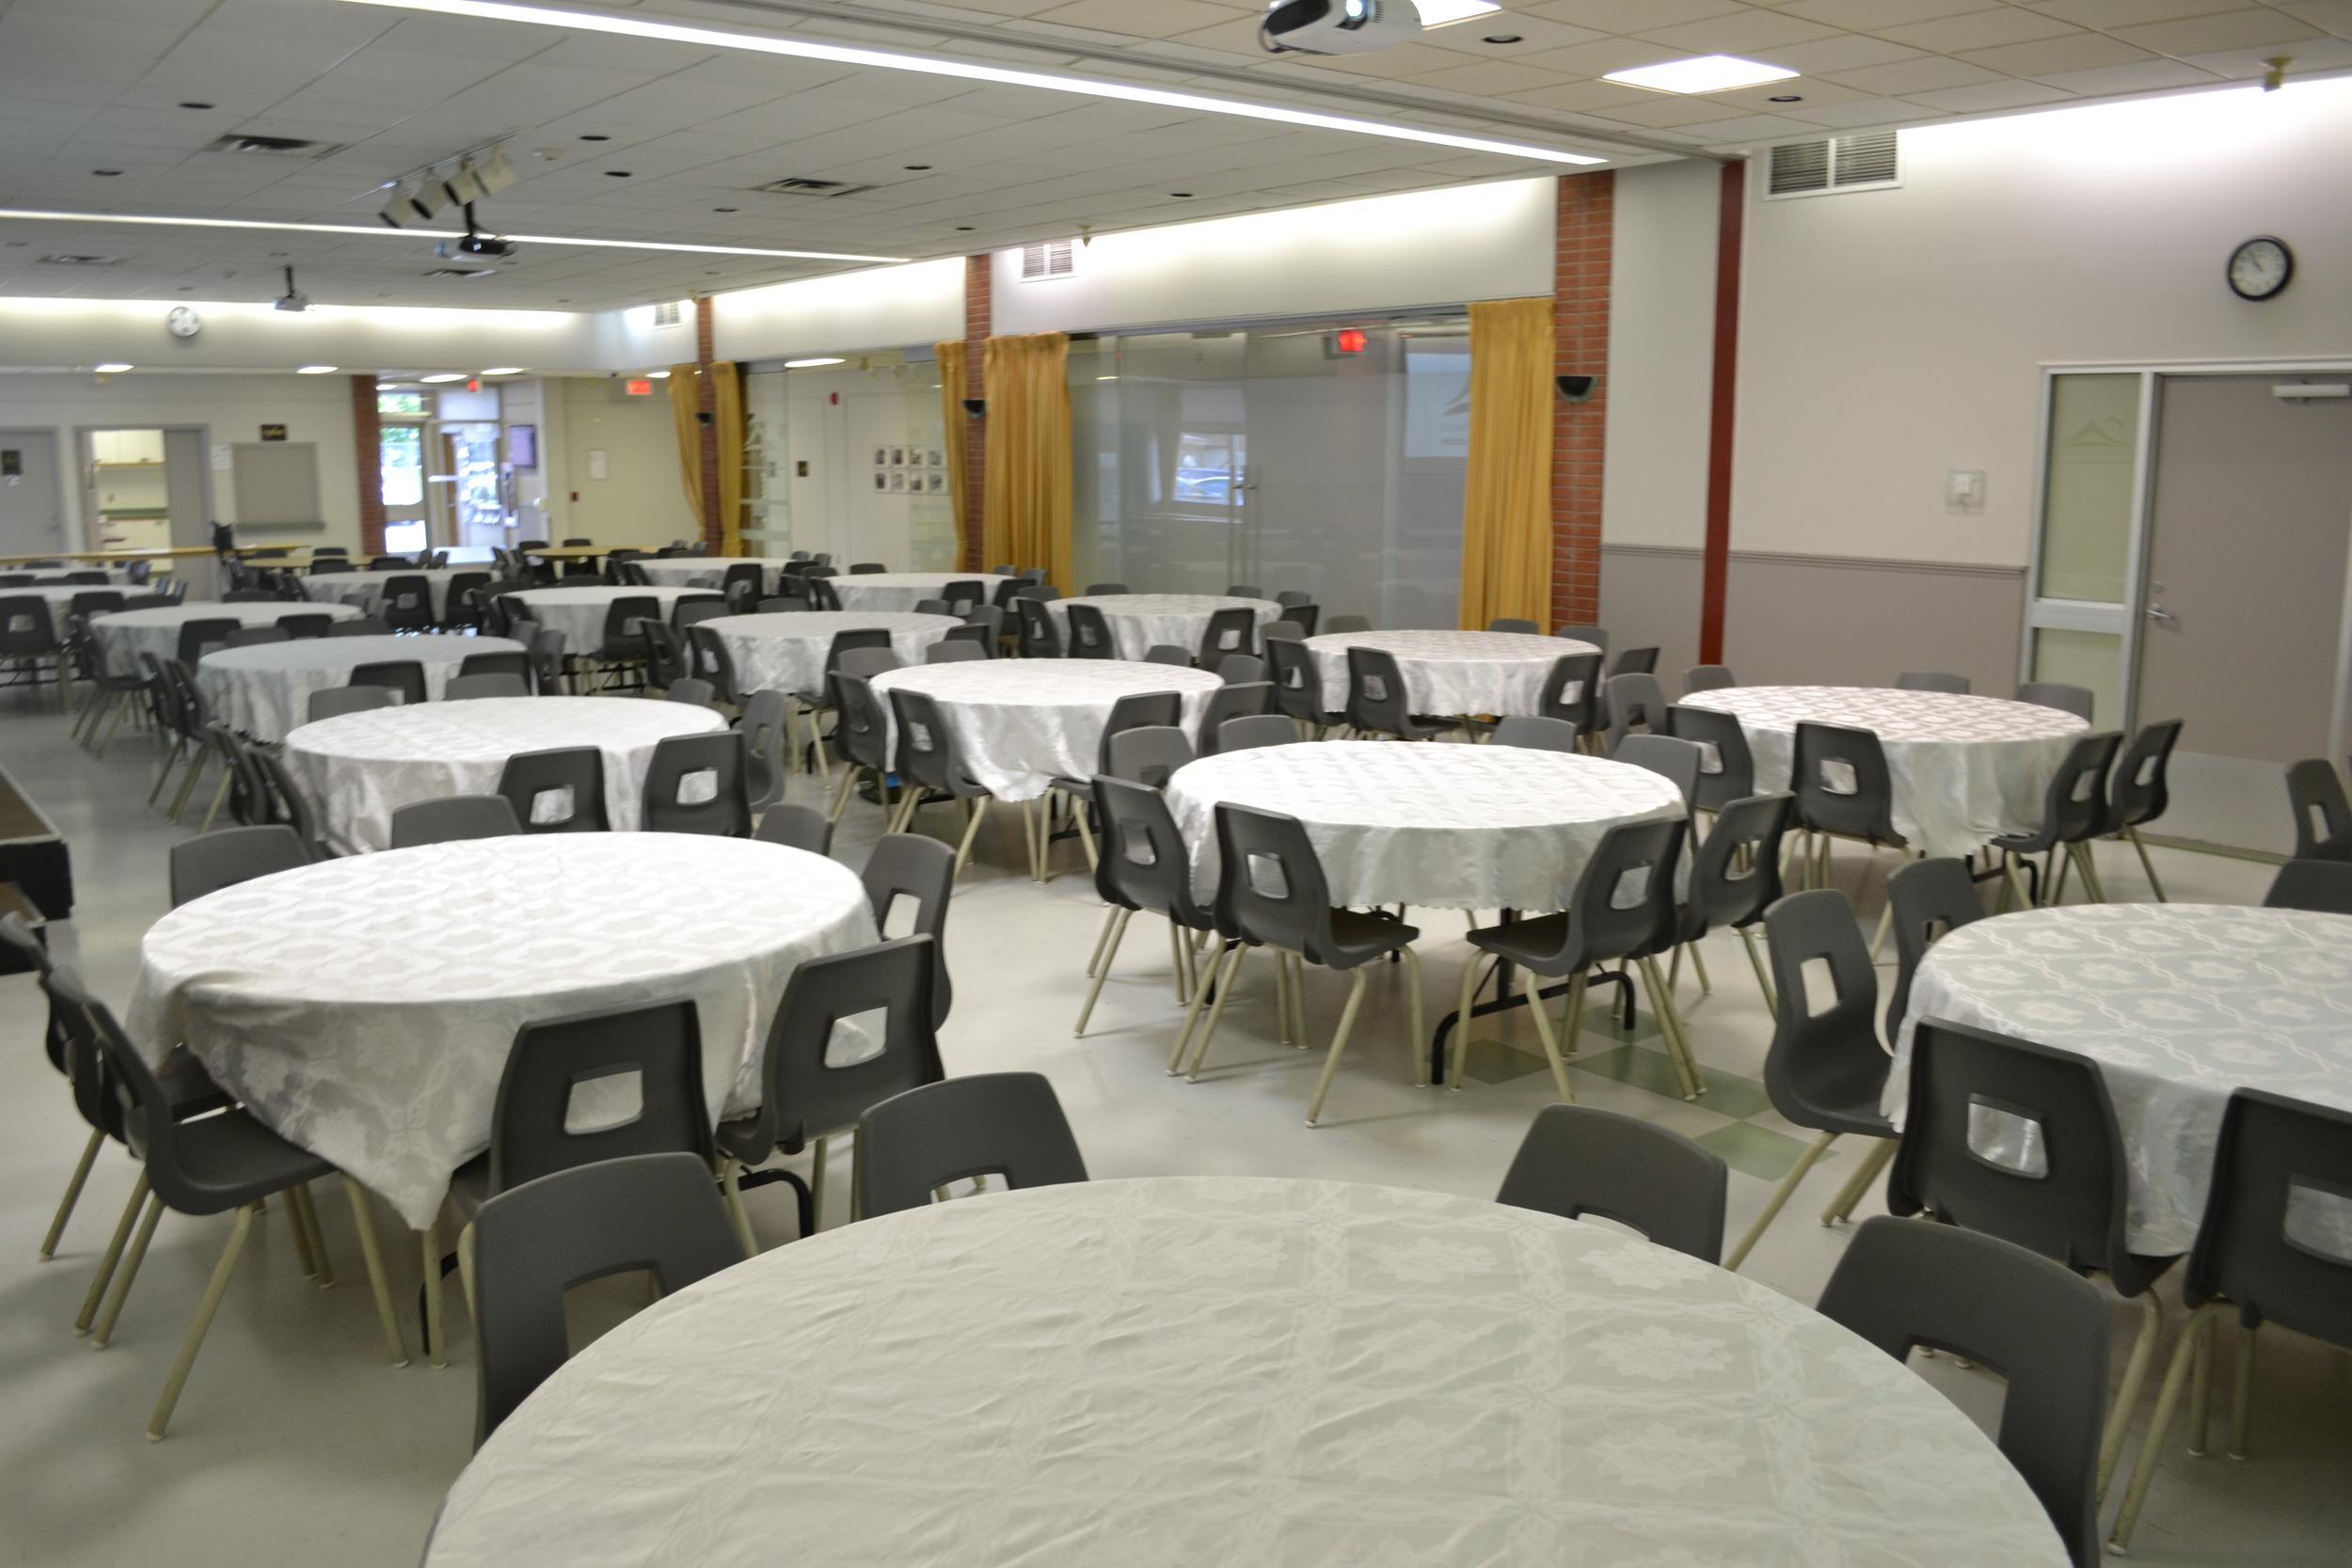 Salle Paul-Lapostolle complète - réception